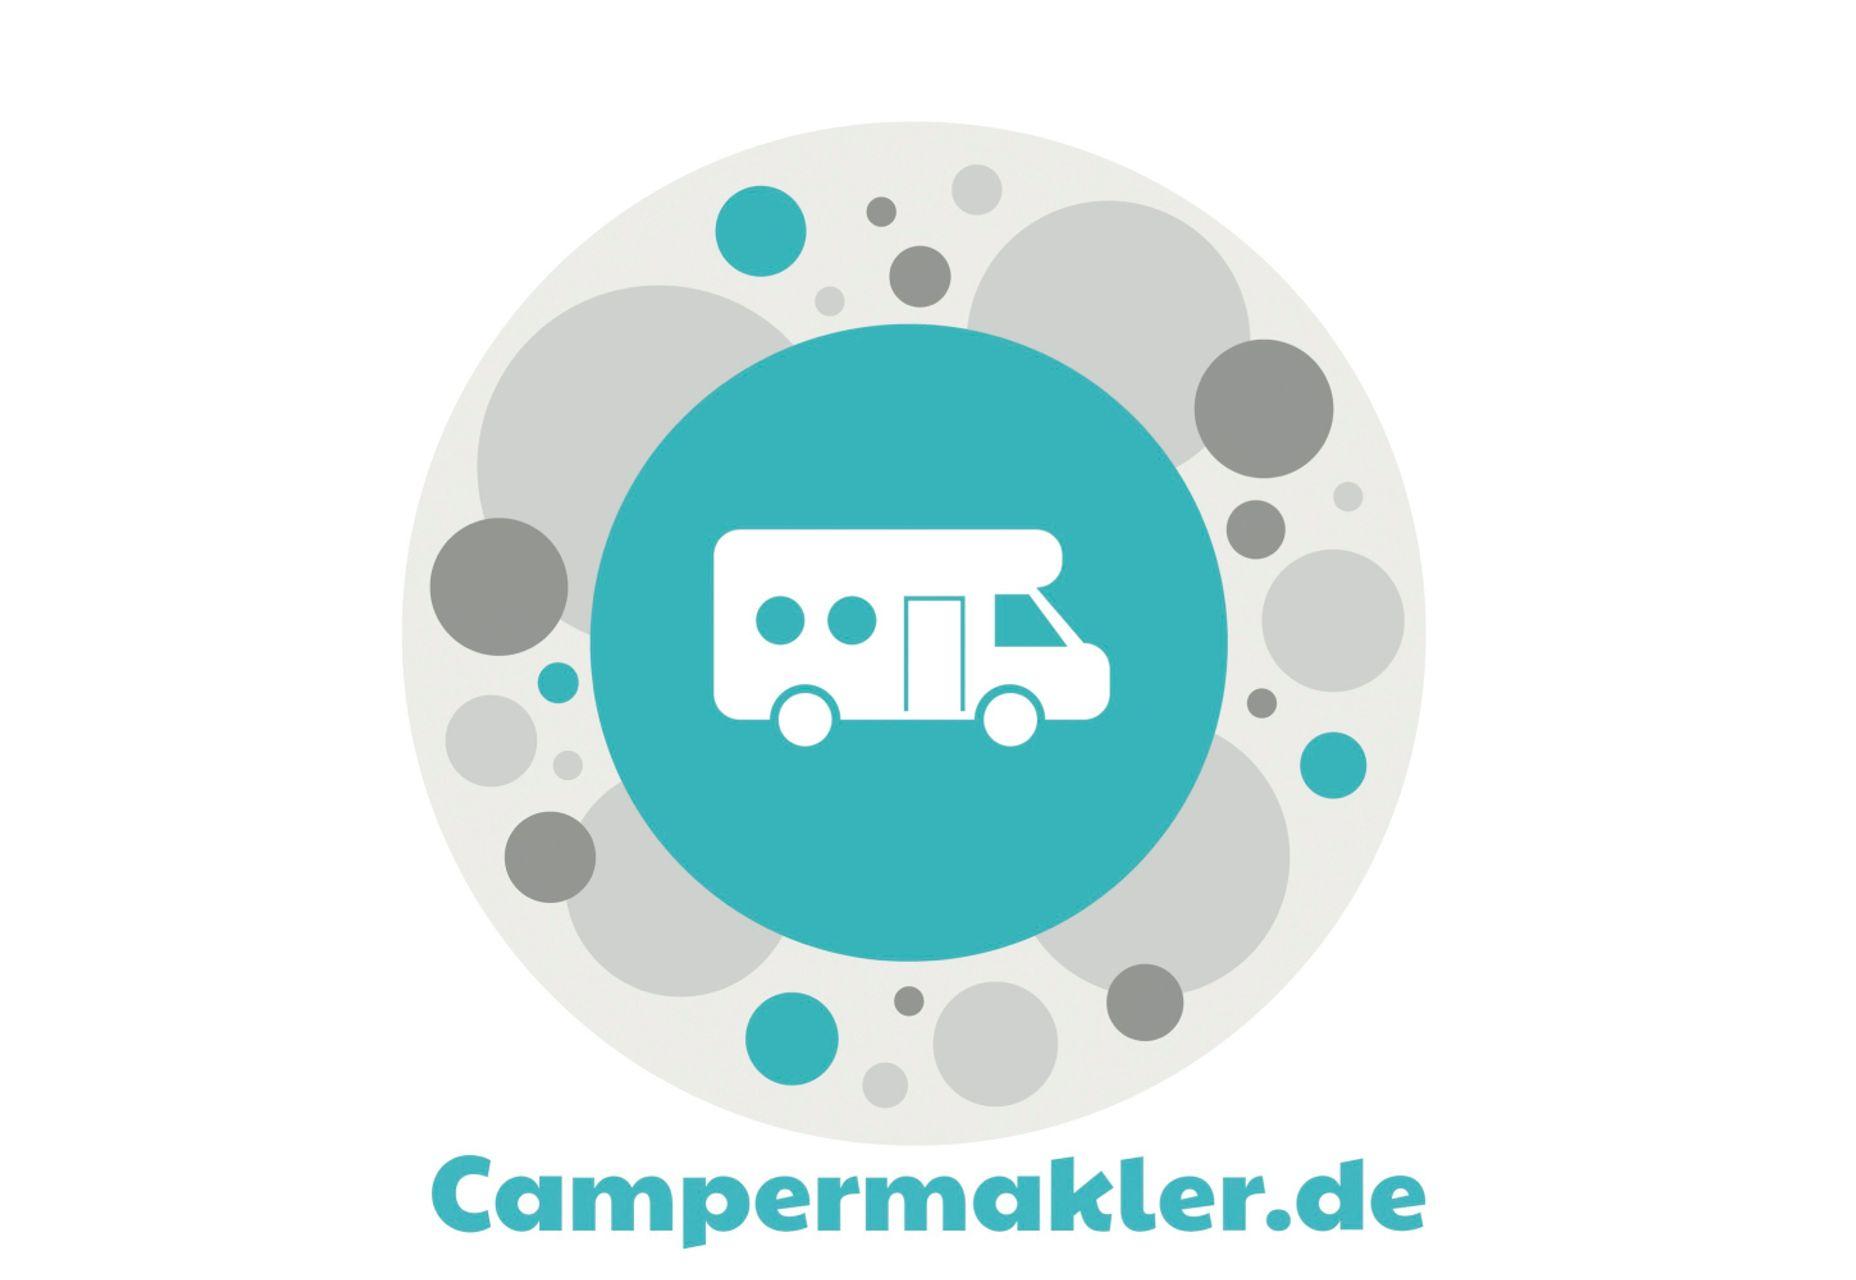 Campermakler.de